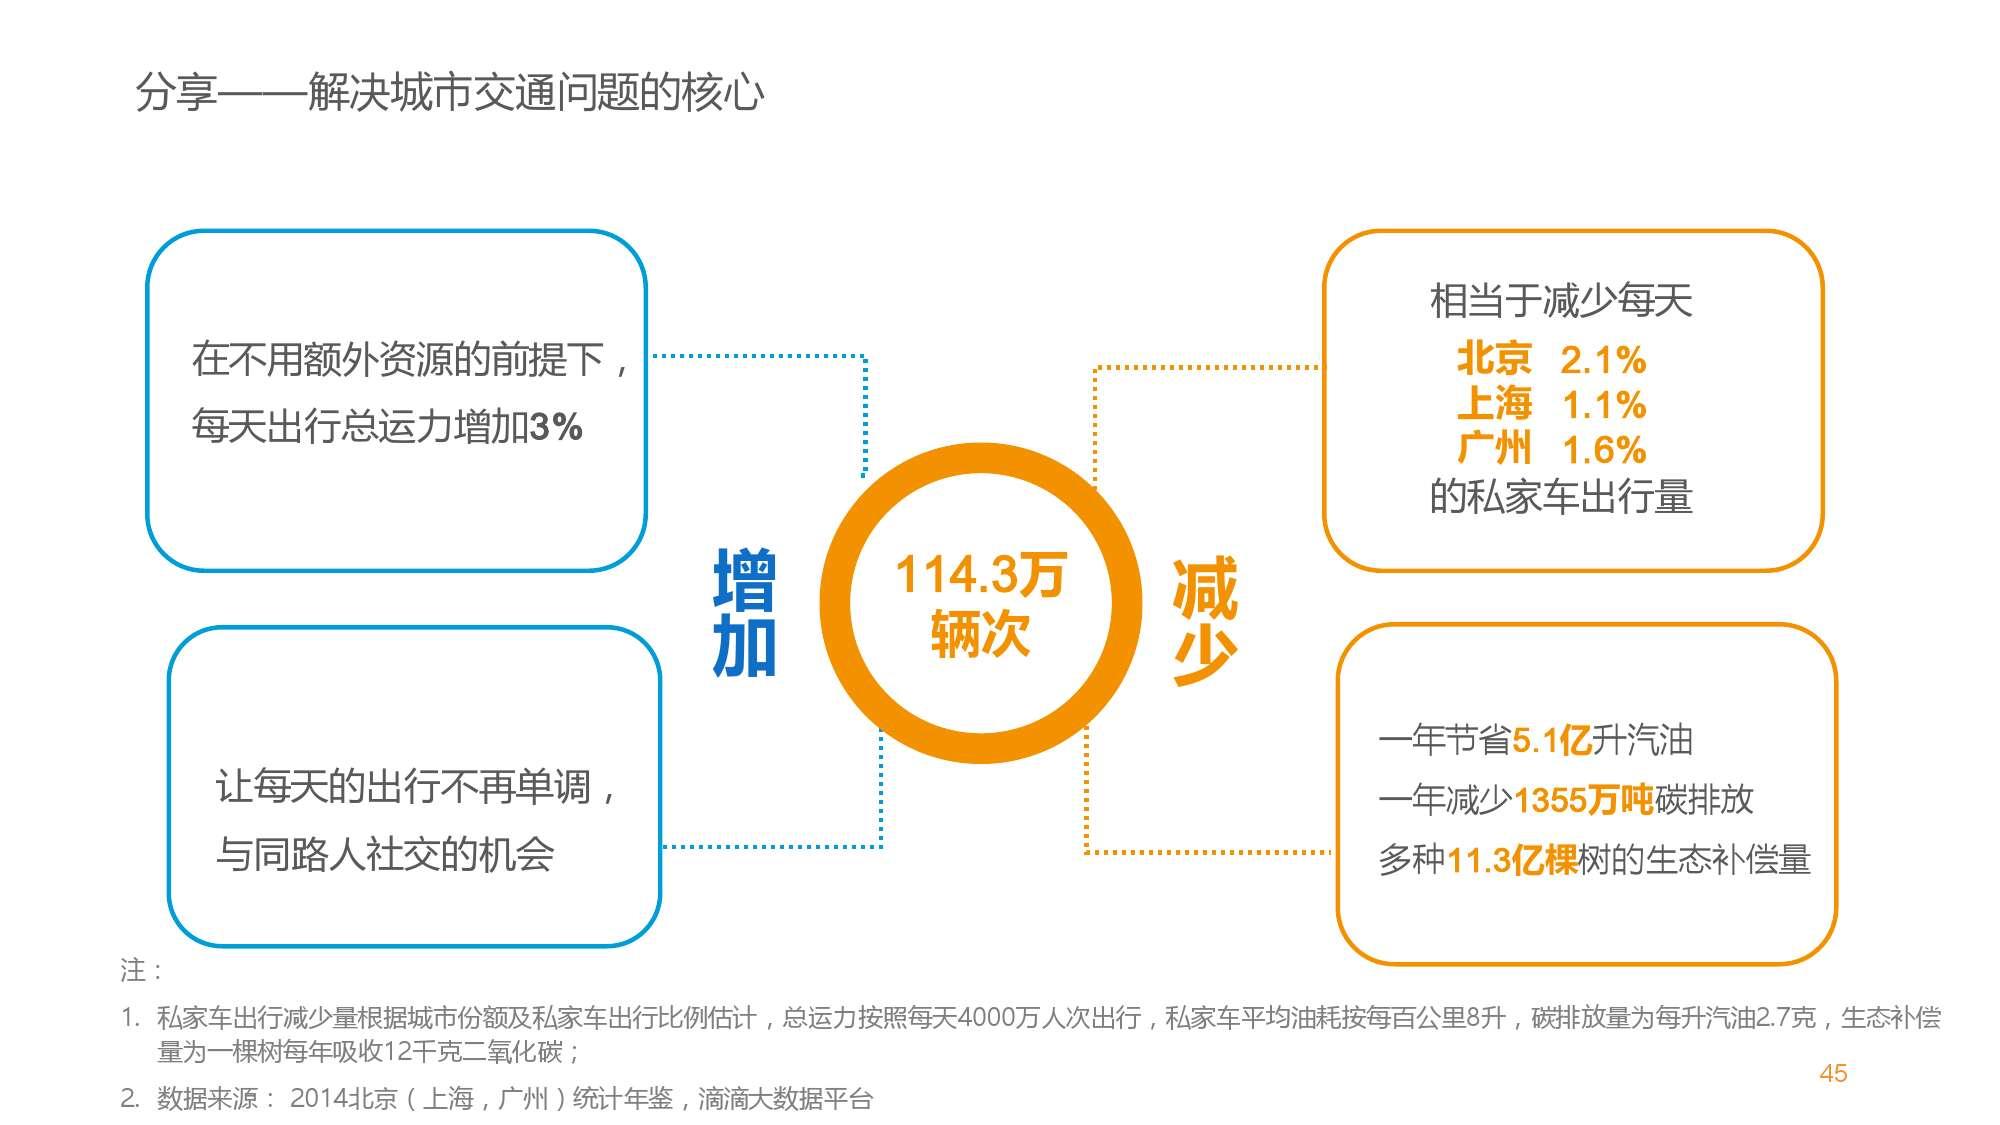 中国智能出行2015大数据报告_000046